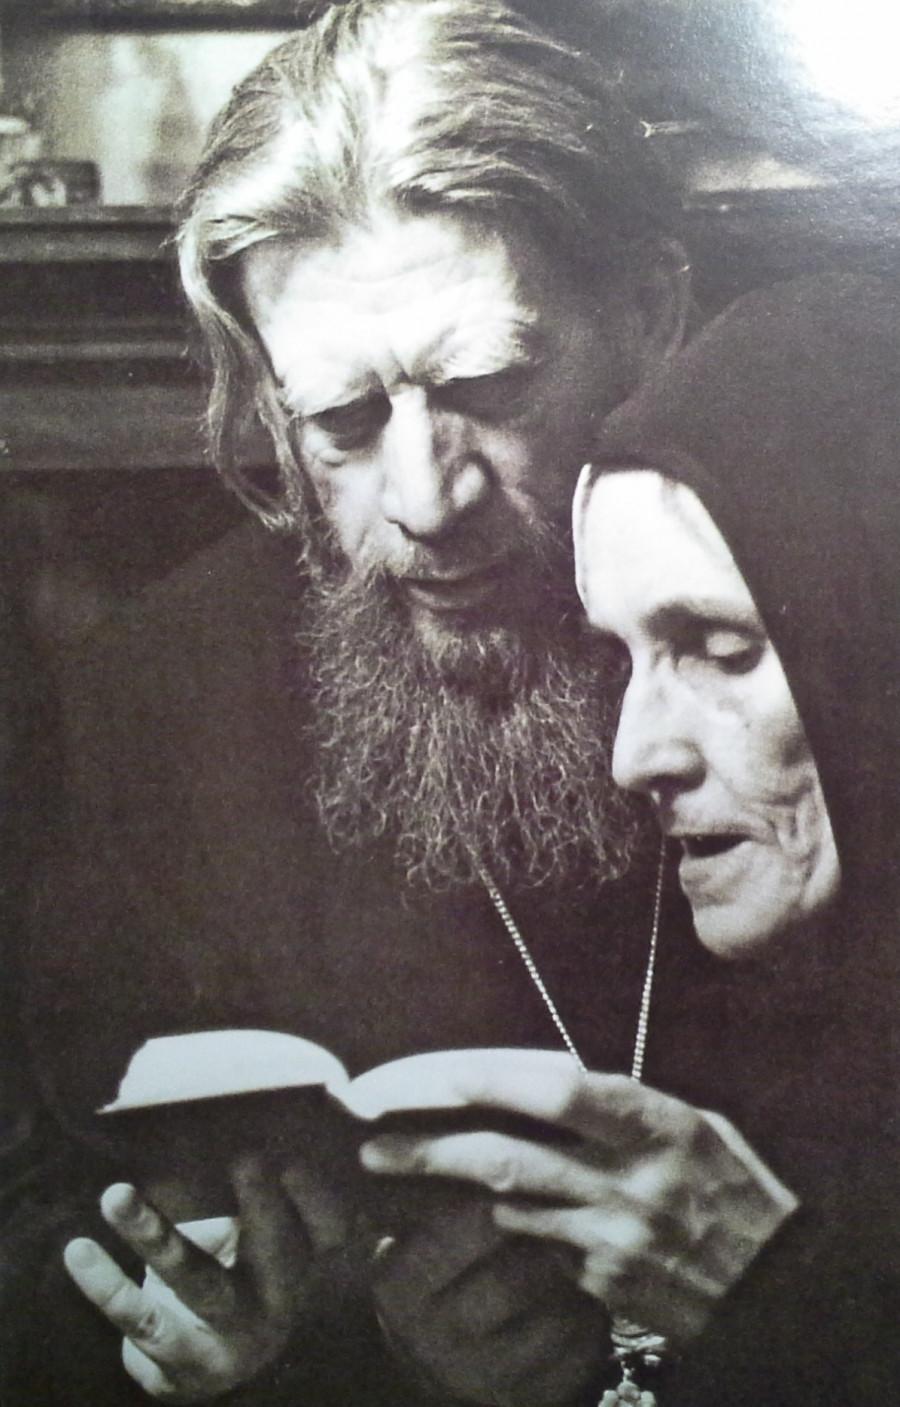 Митрополит Иоанн и монахиня Евфросиния (Елизавета Вендланд). Конец 1960-х гг.